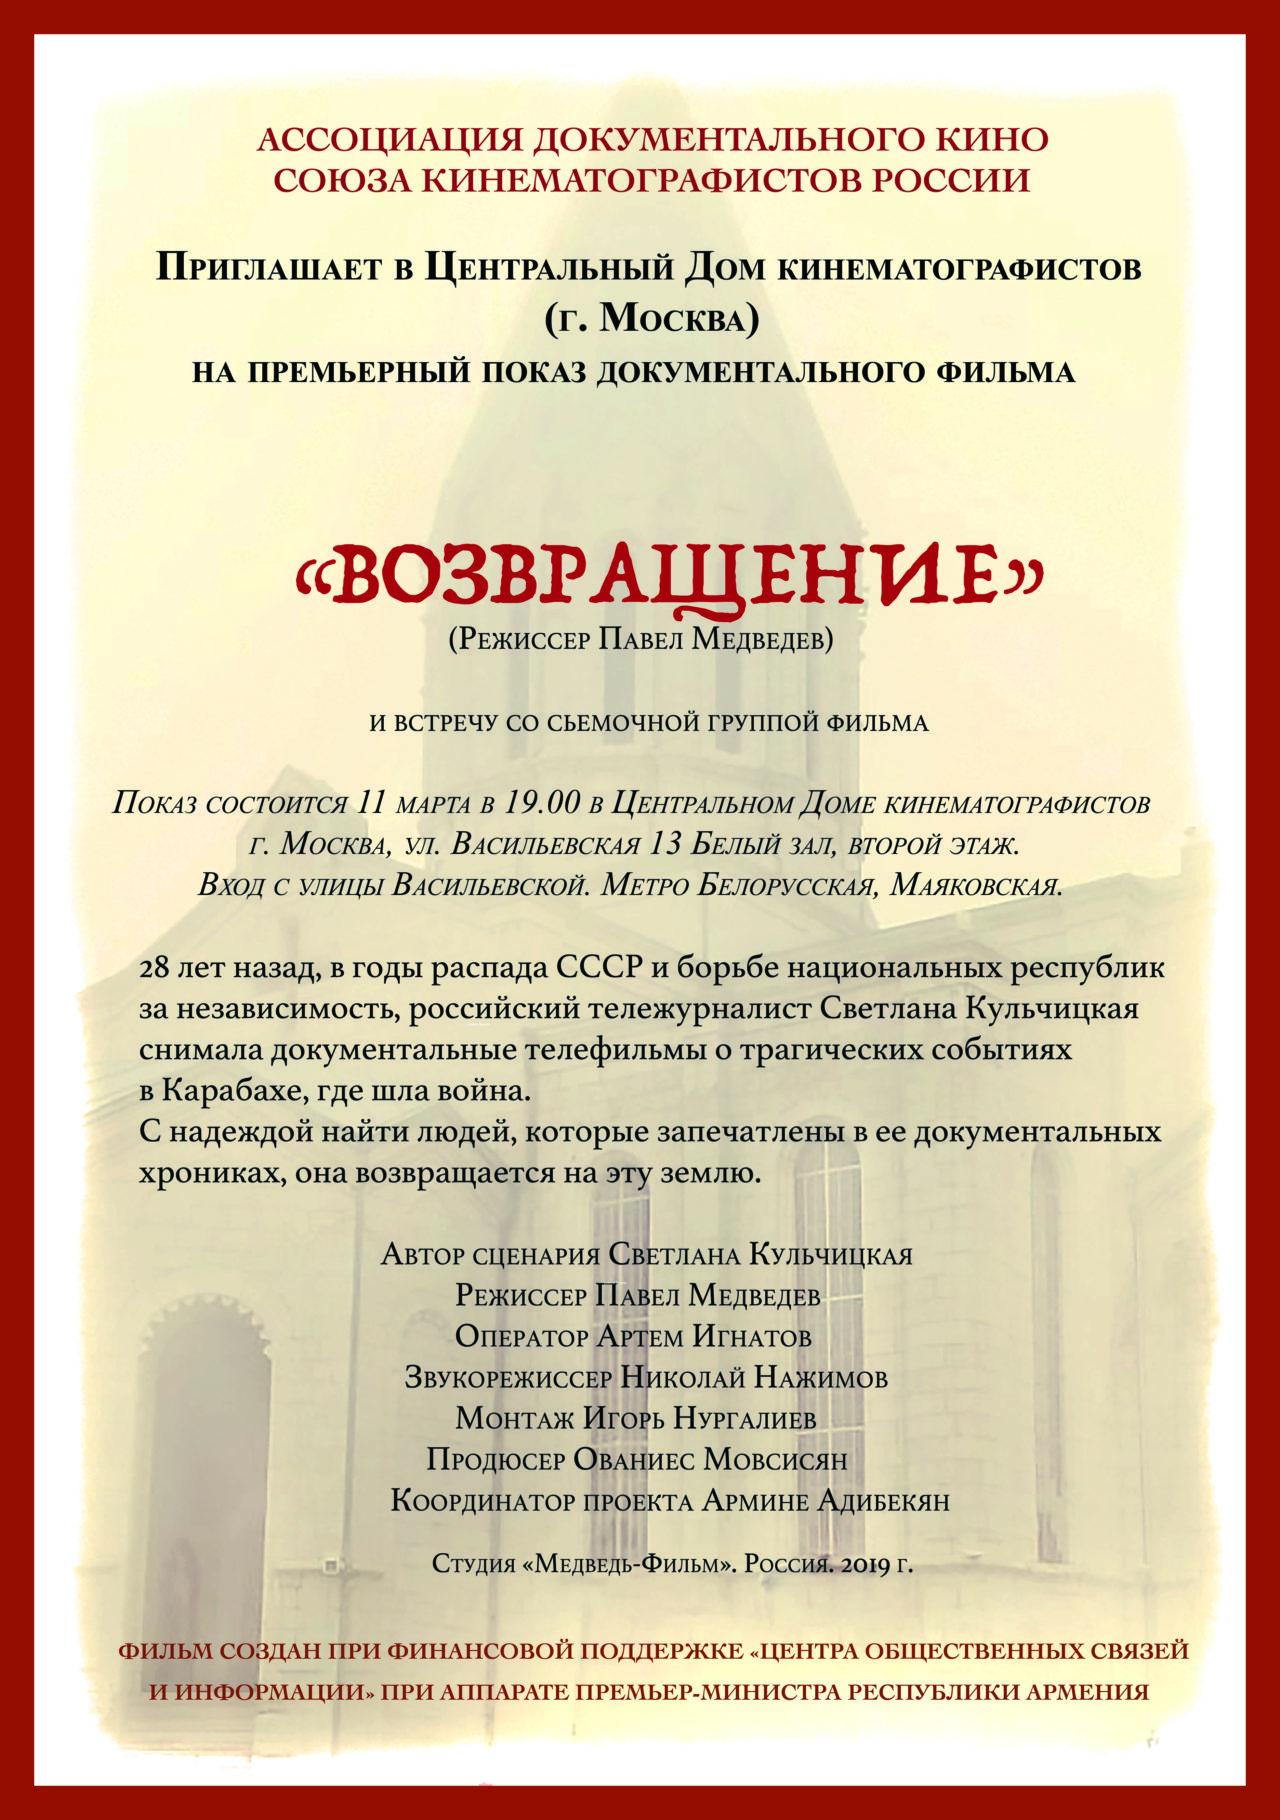 11 марта в 19.00 в Белом зале Дома кино Ассоциация документального кино проводит показ документального фильма «ВОЗВРАЩЕНИЕ» режиссера Павла Медведева